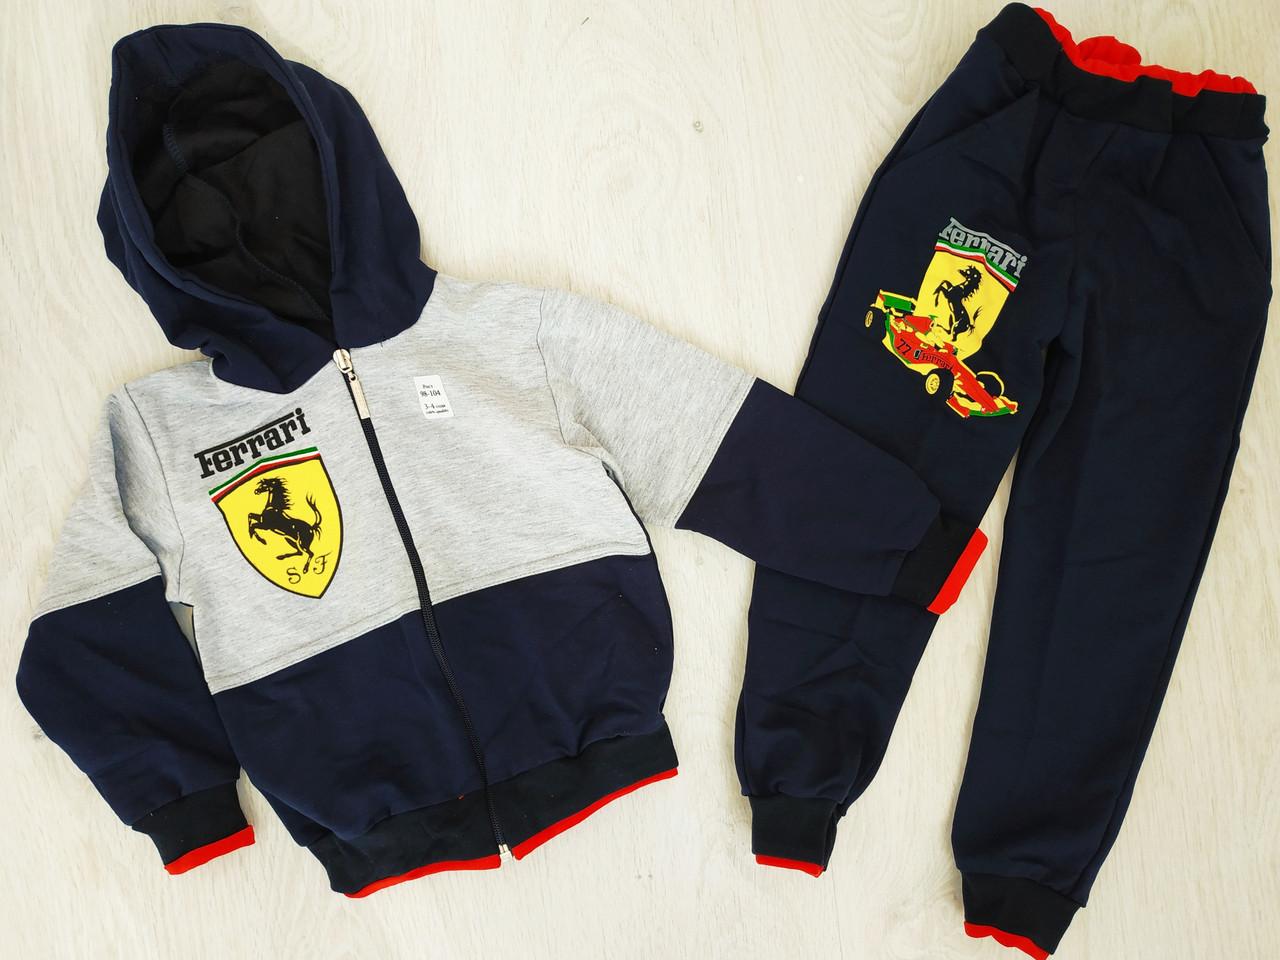 Спортивный костюм для мальчика, Украина, Детки- Текс, рр. 92-98,  арт. 0325,